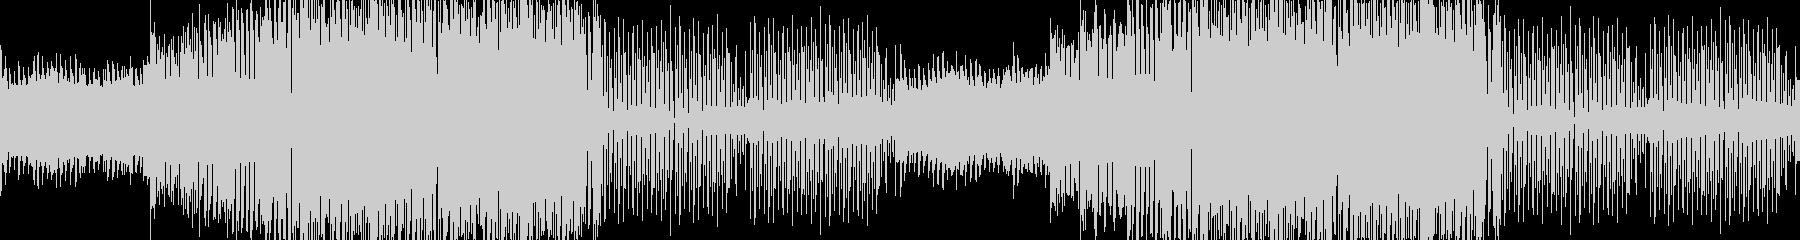 入場・オープニング・爽やか明るいEDMの未再生の波形